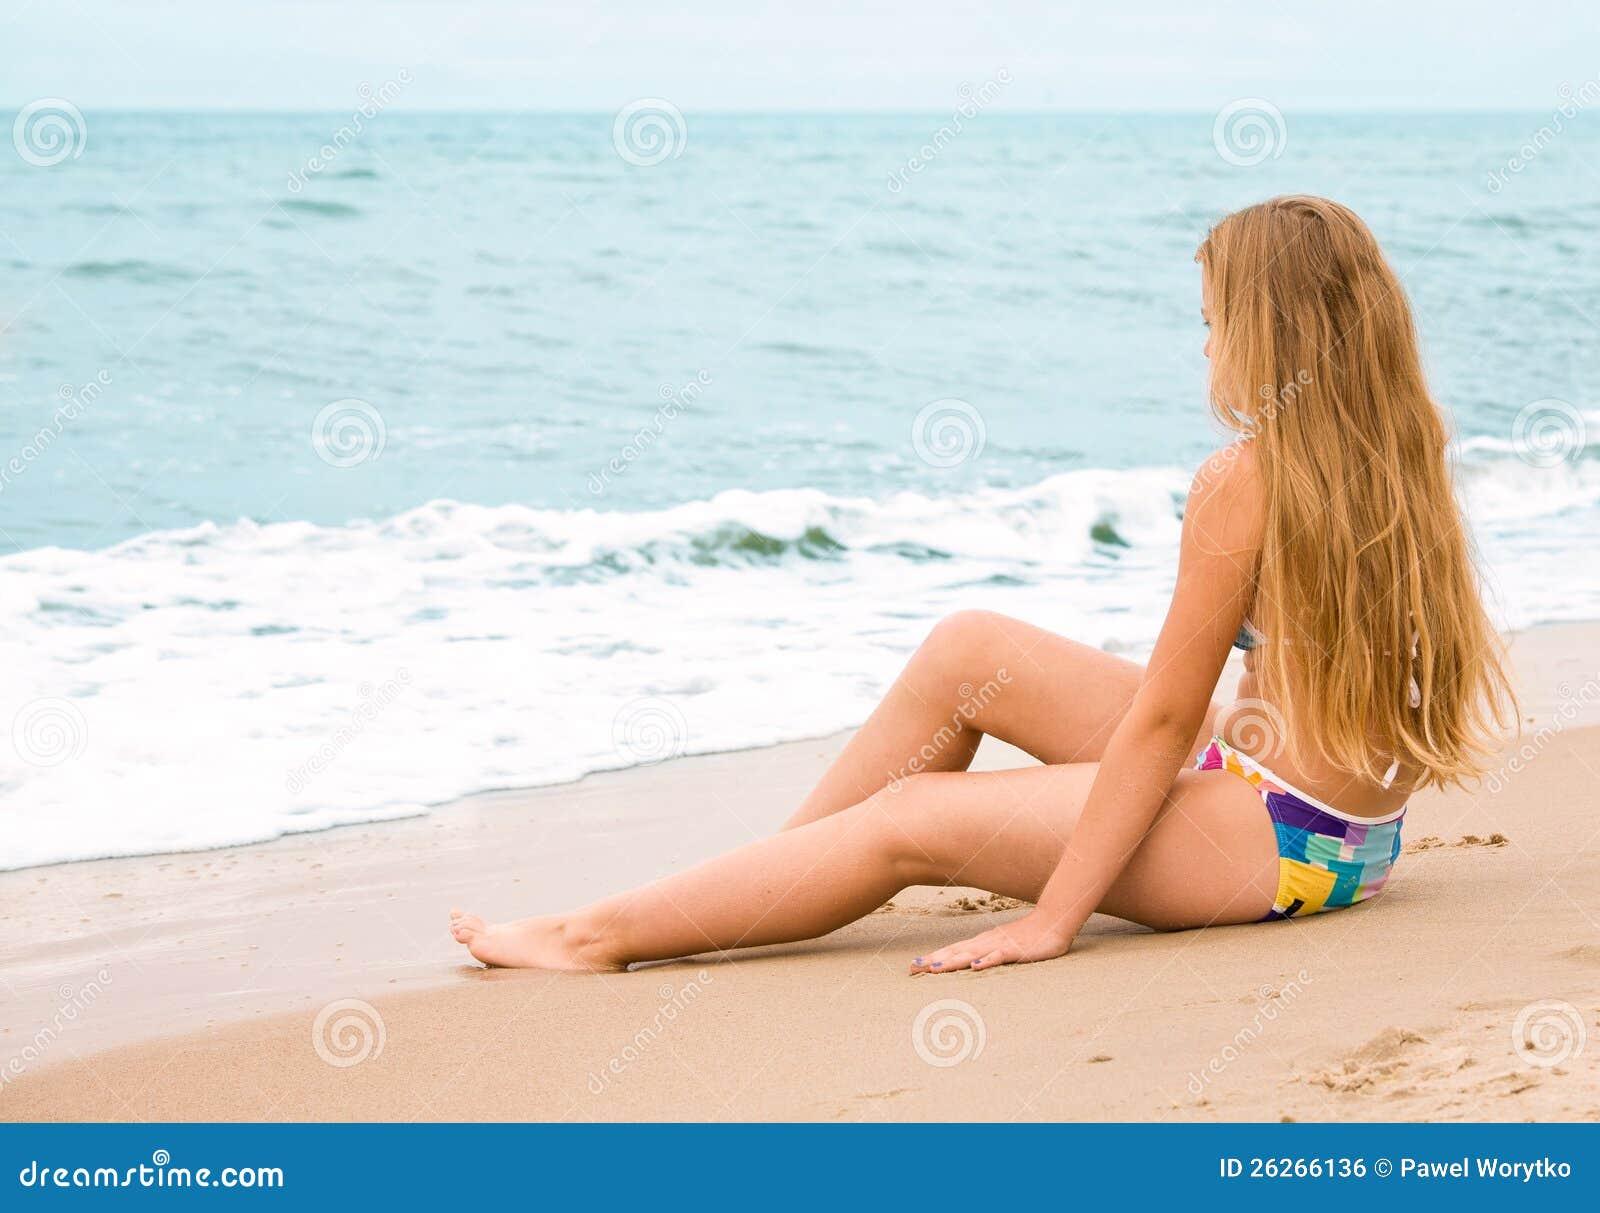 long beach girls